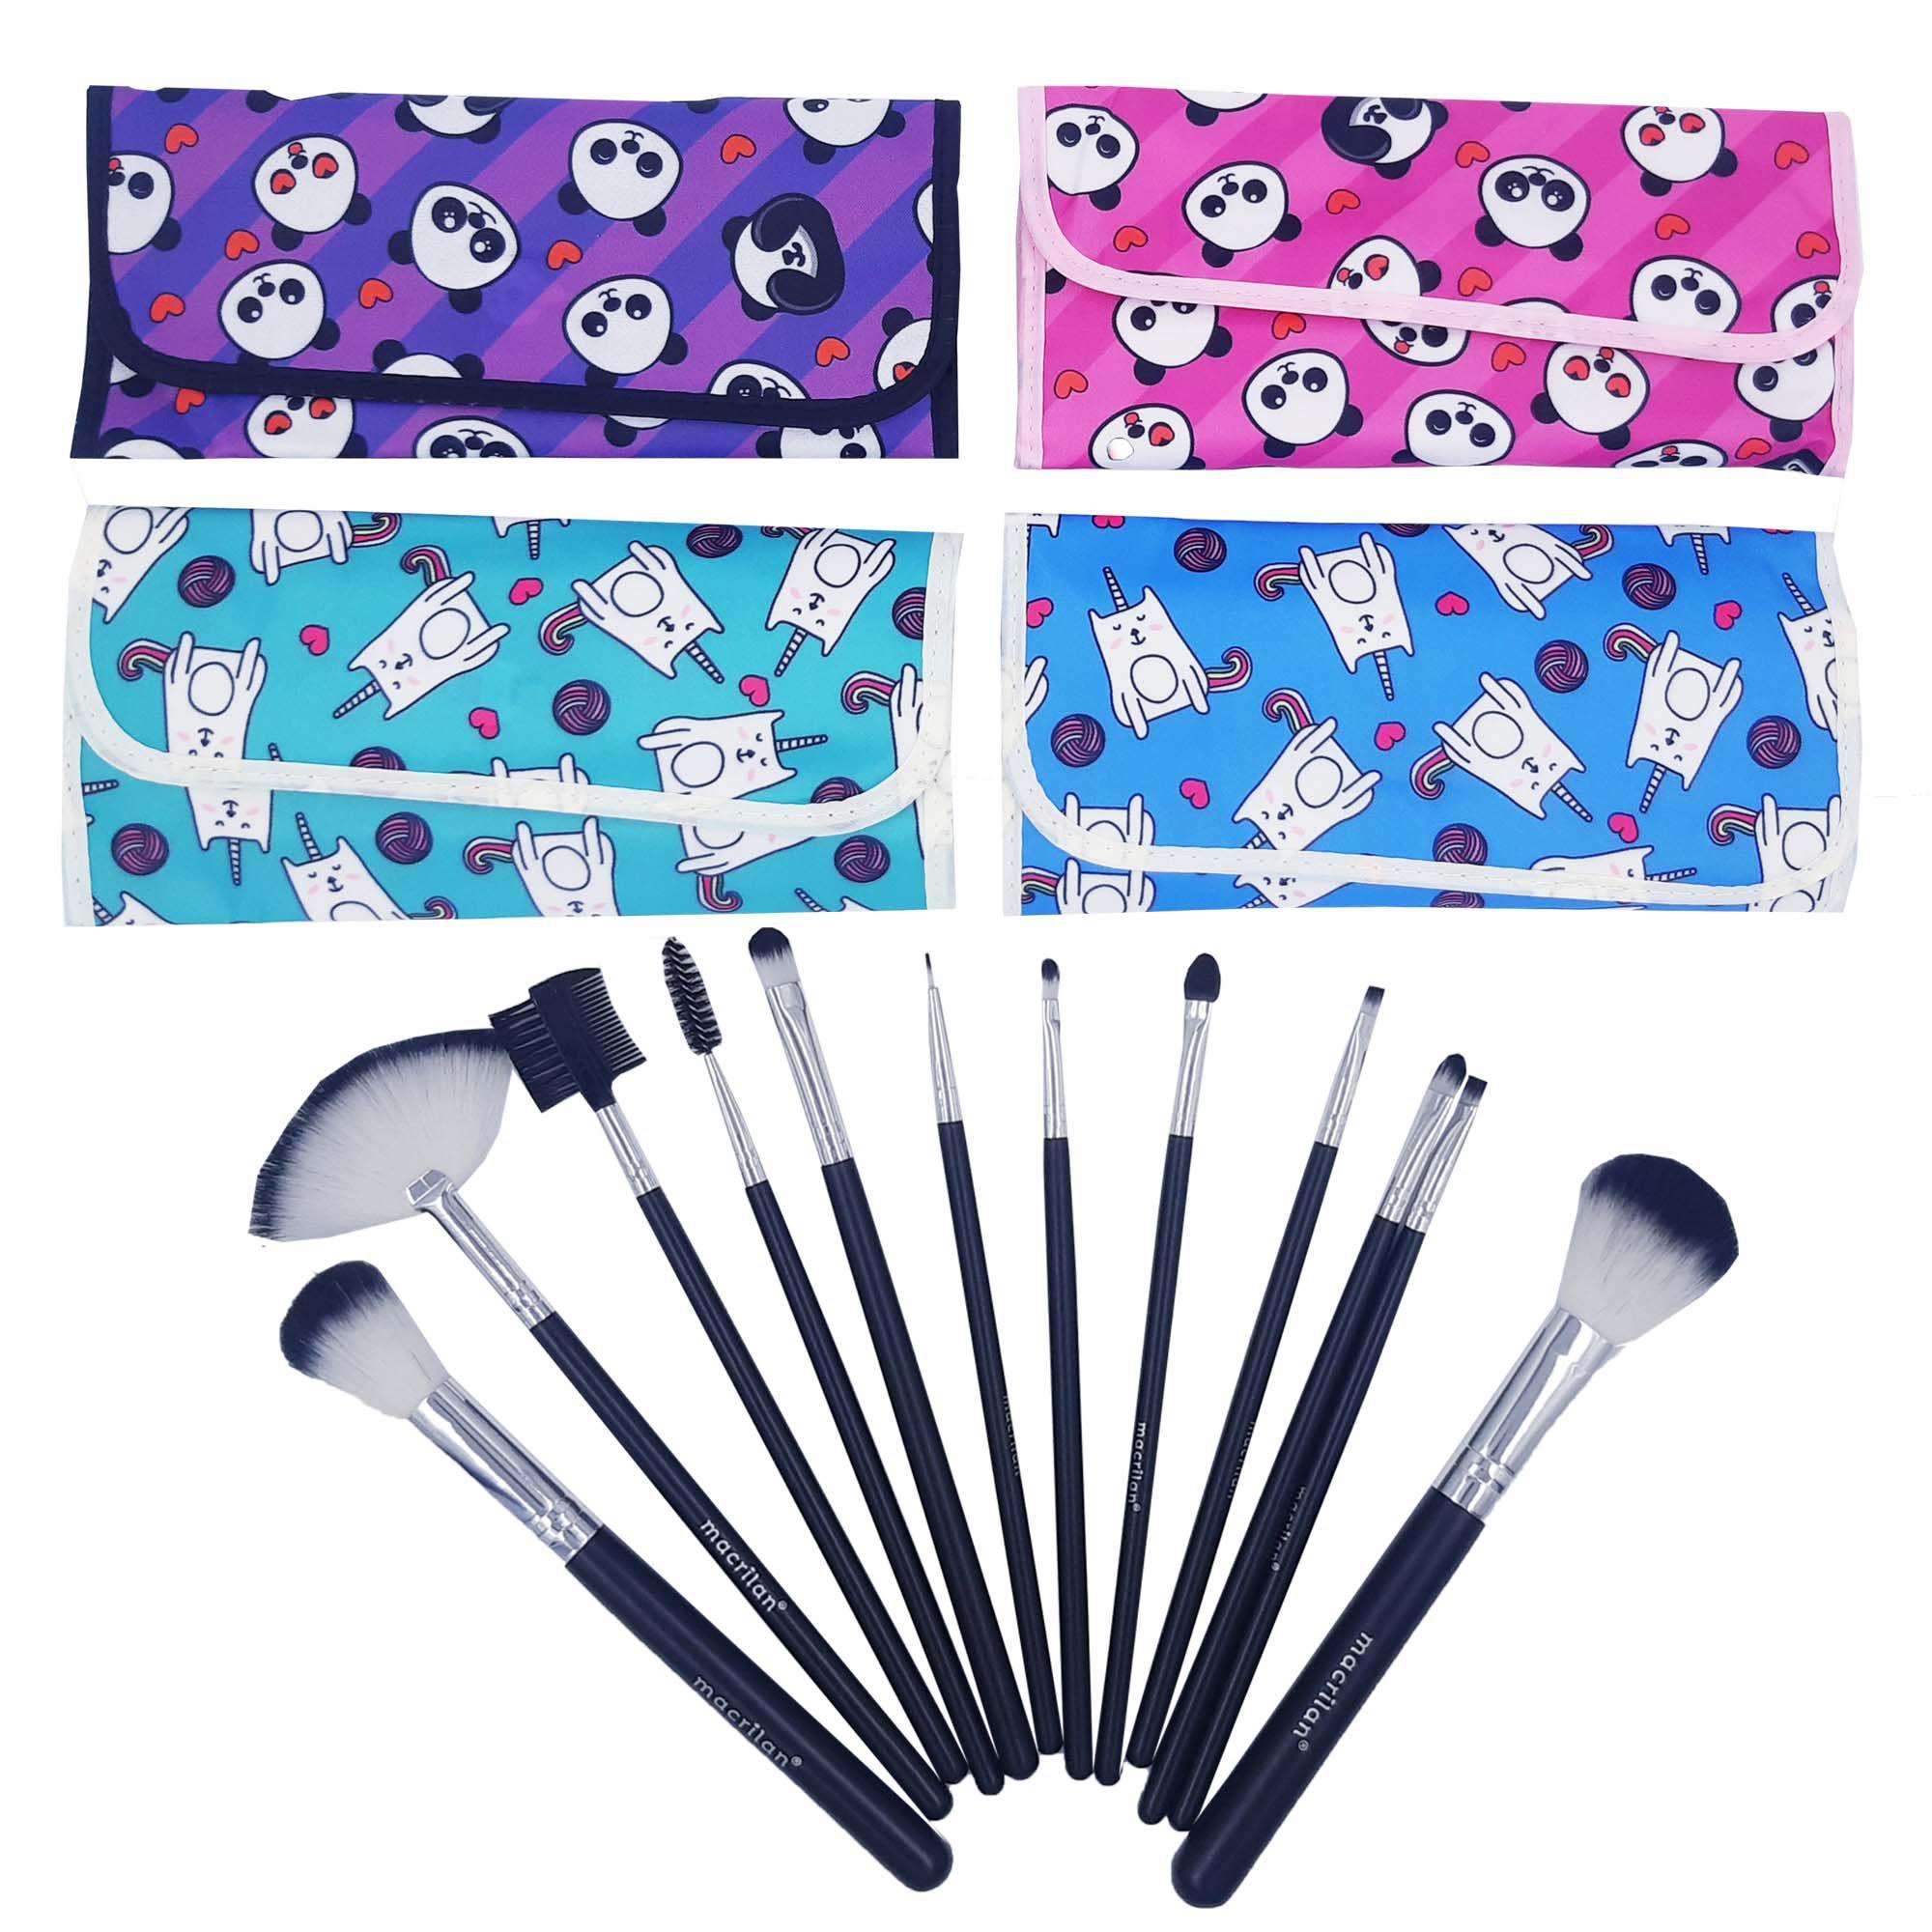 Kit de 12 Pincéis para Maquiagem Macrilan + 3 Esponjas P/ Base